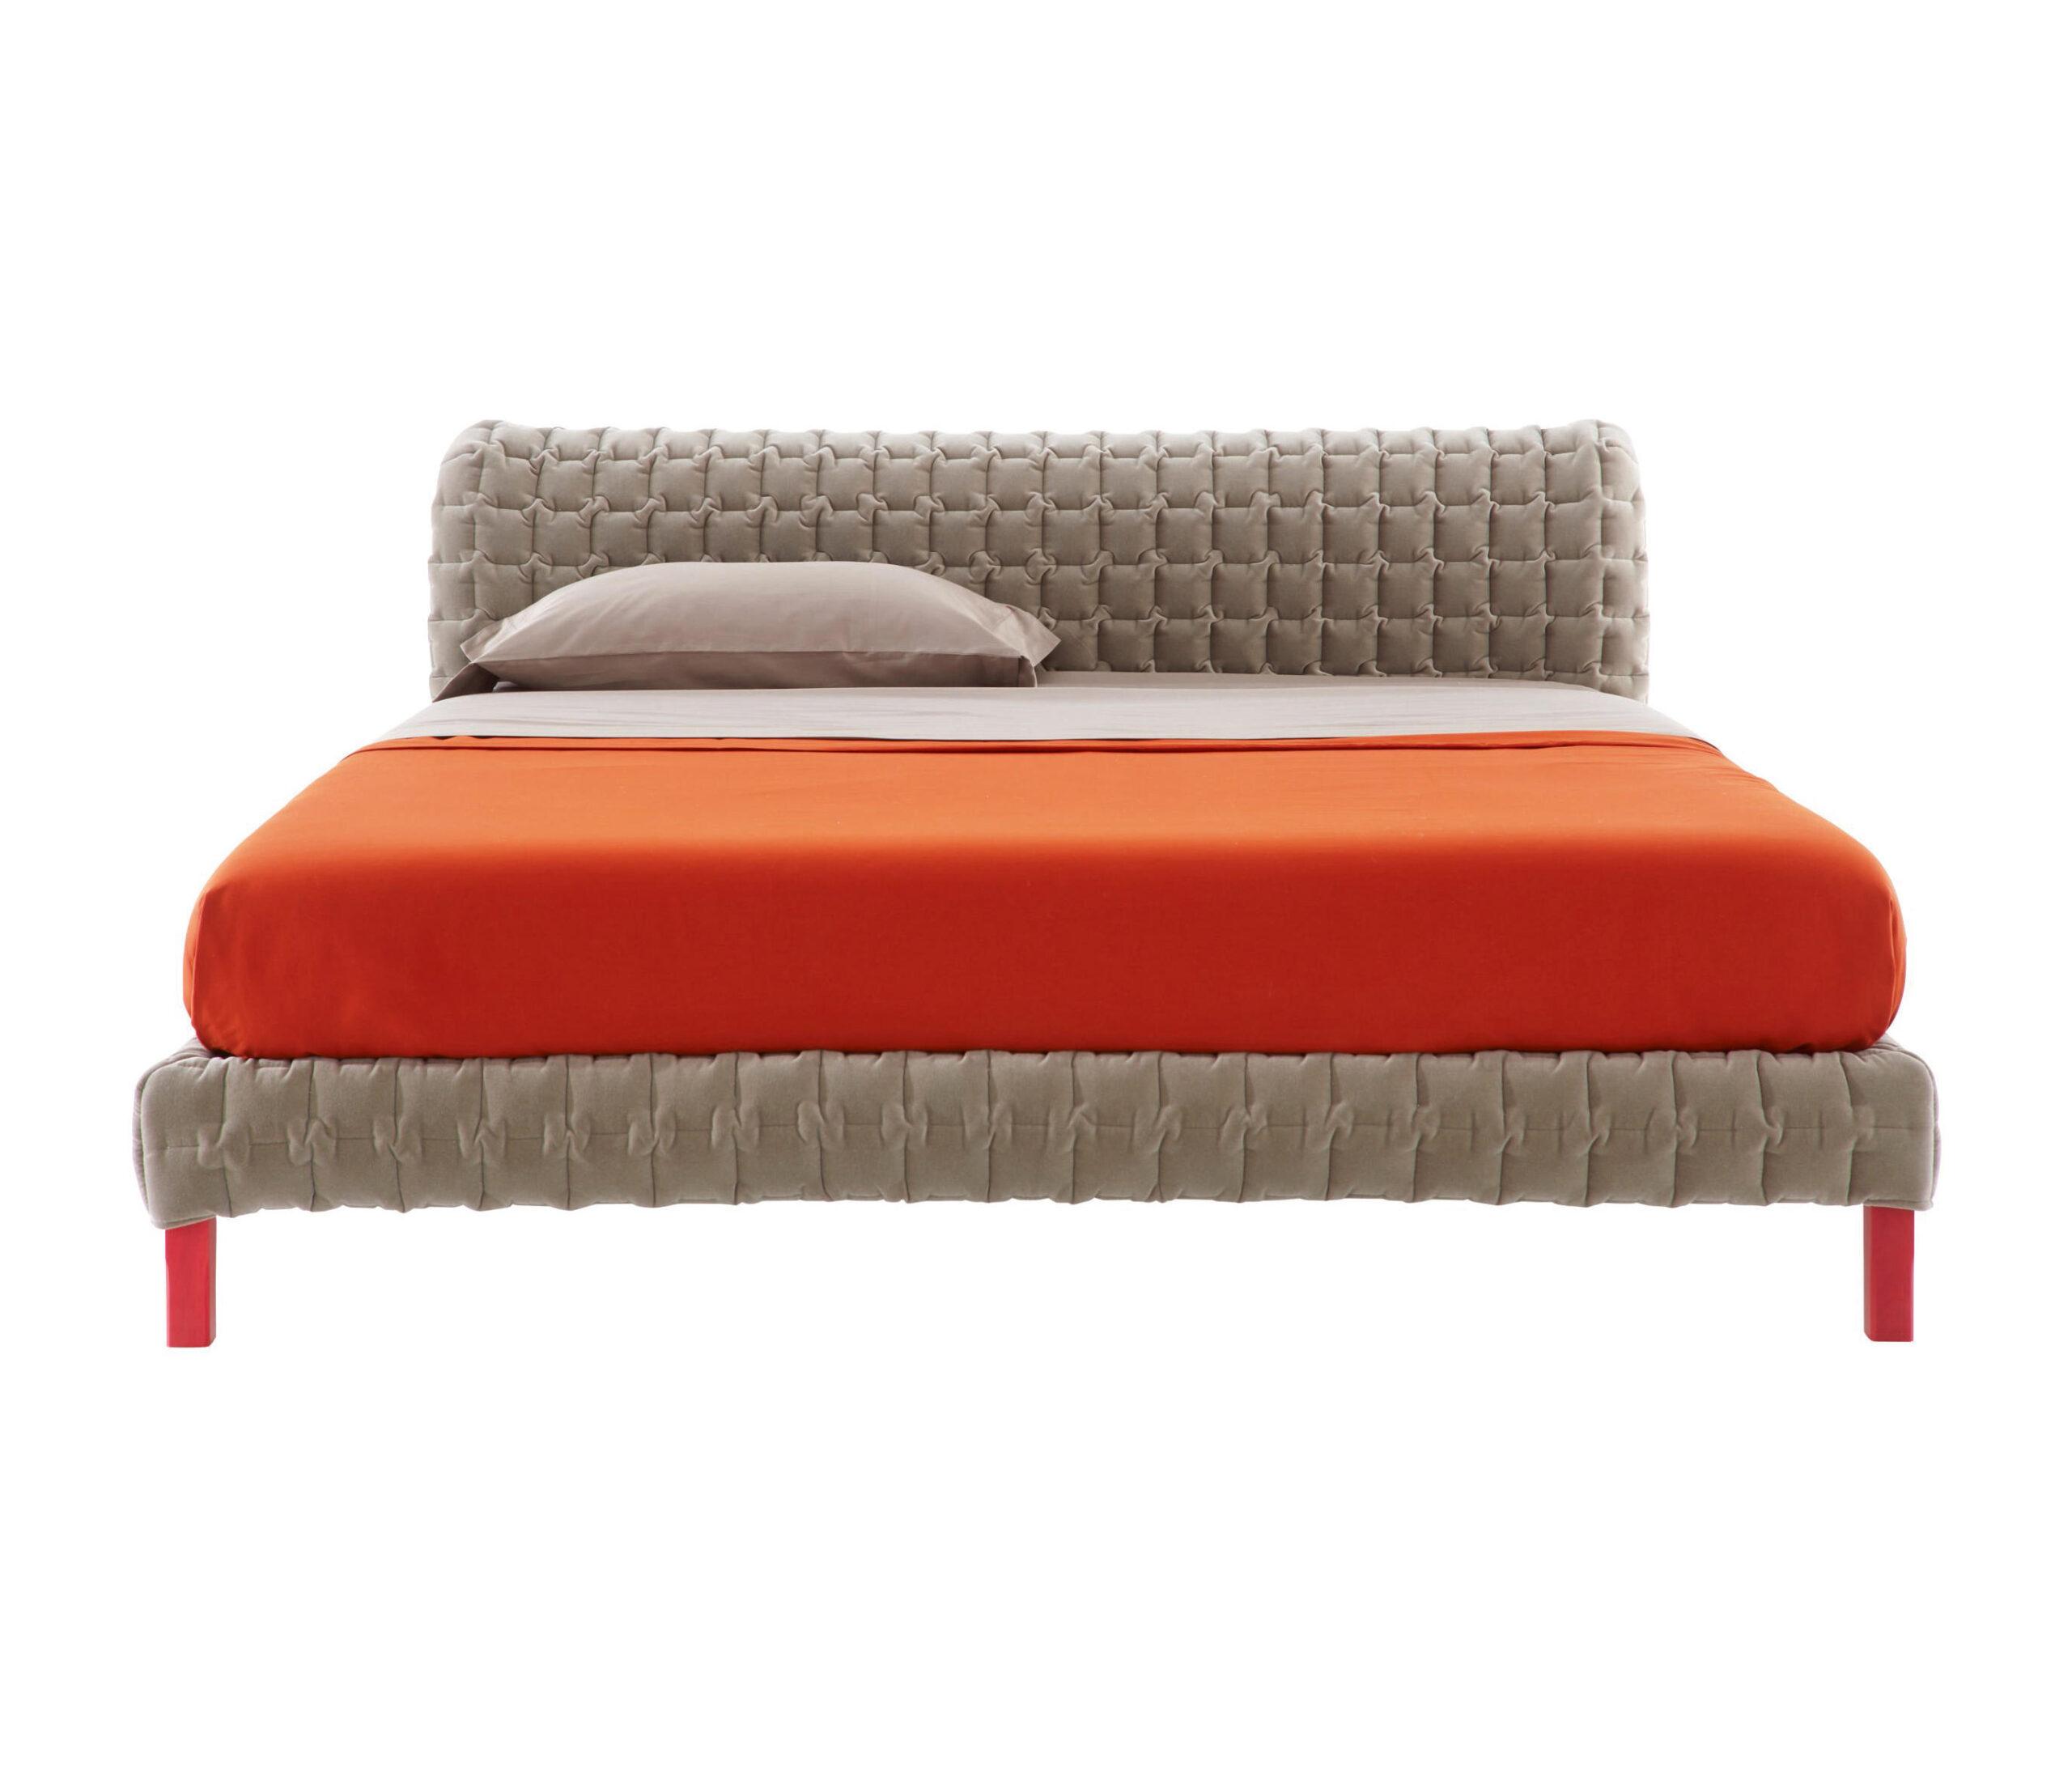 Full Size of Niedrige Betten Bei Ikea Oschmann Aus Holz Treca Tagesdecken Für Weiß Günstig Kaufen De Ruf Fabrikverkauf Massiv Außergewöhnliche Ausgefallene Wohnzimmer Niedrige Betten